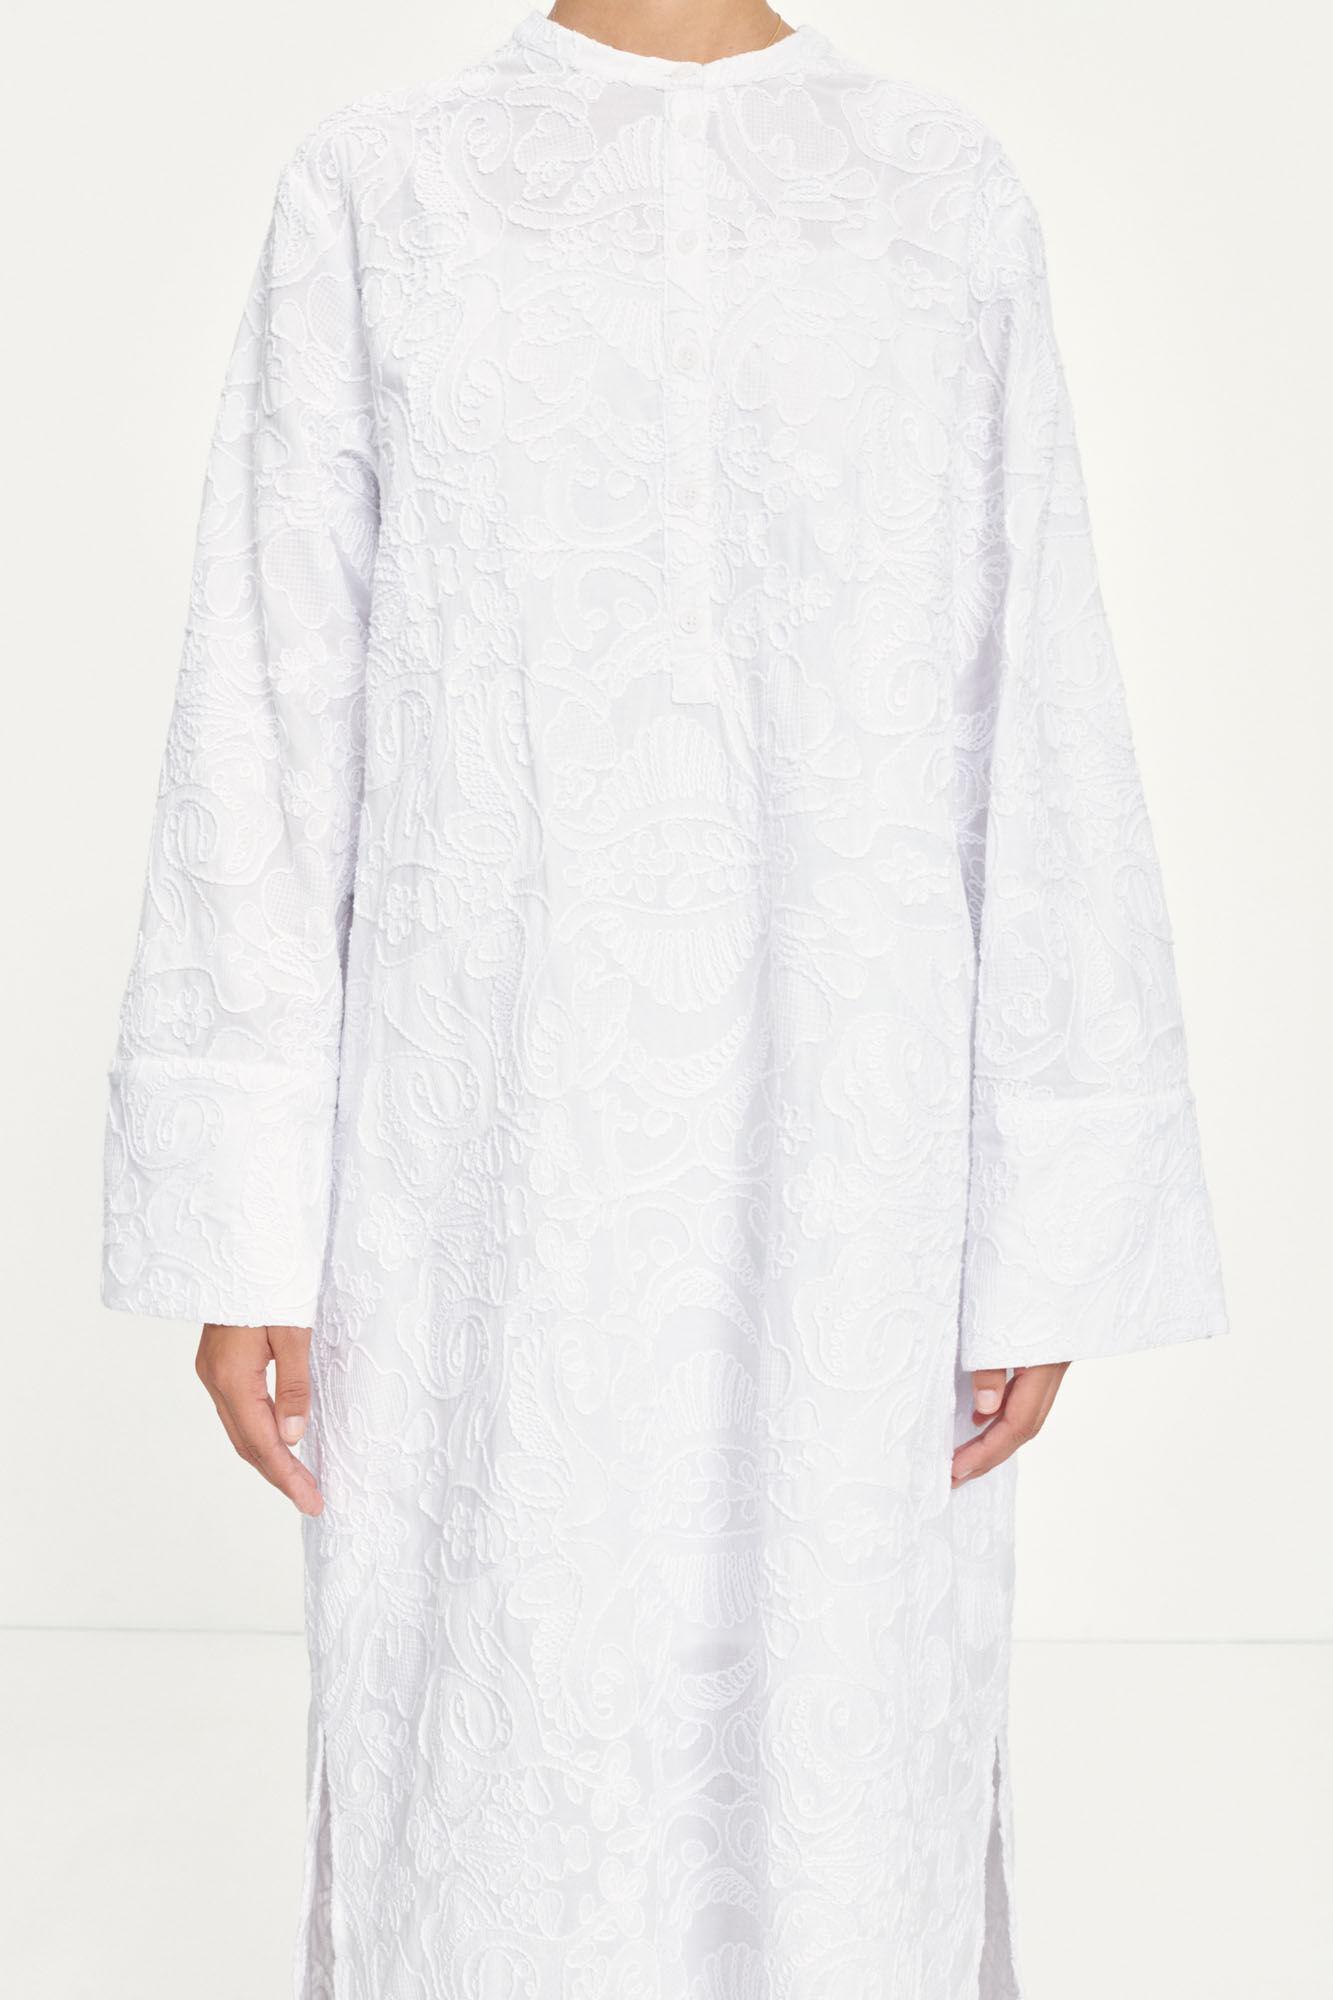 Jute shirt dress 13089